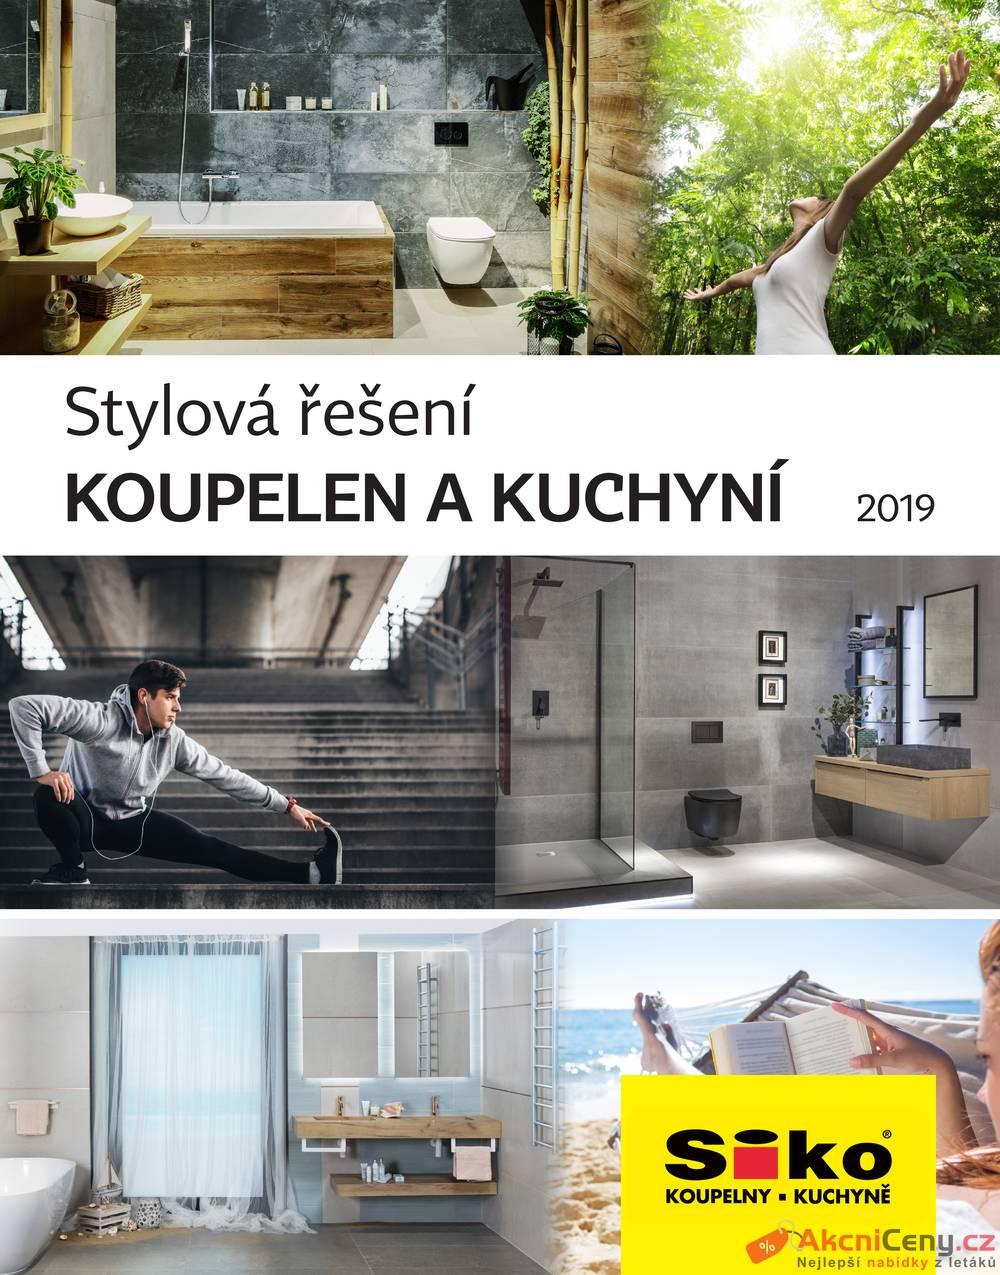 Katalog Siko koupelny & kuchyně do 31.12.